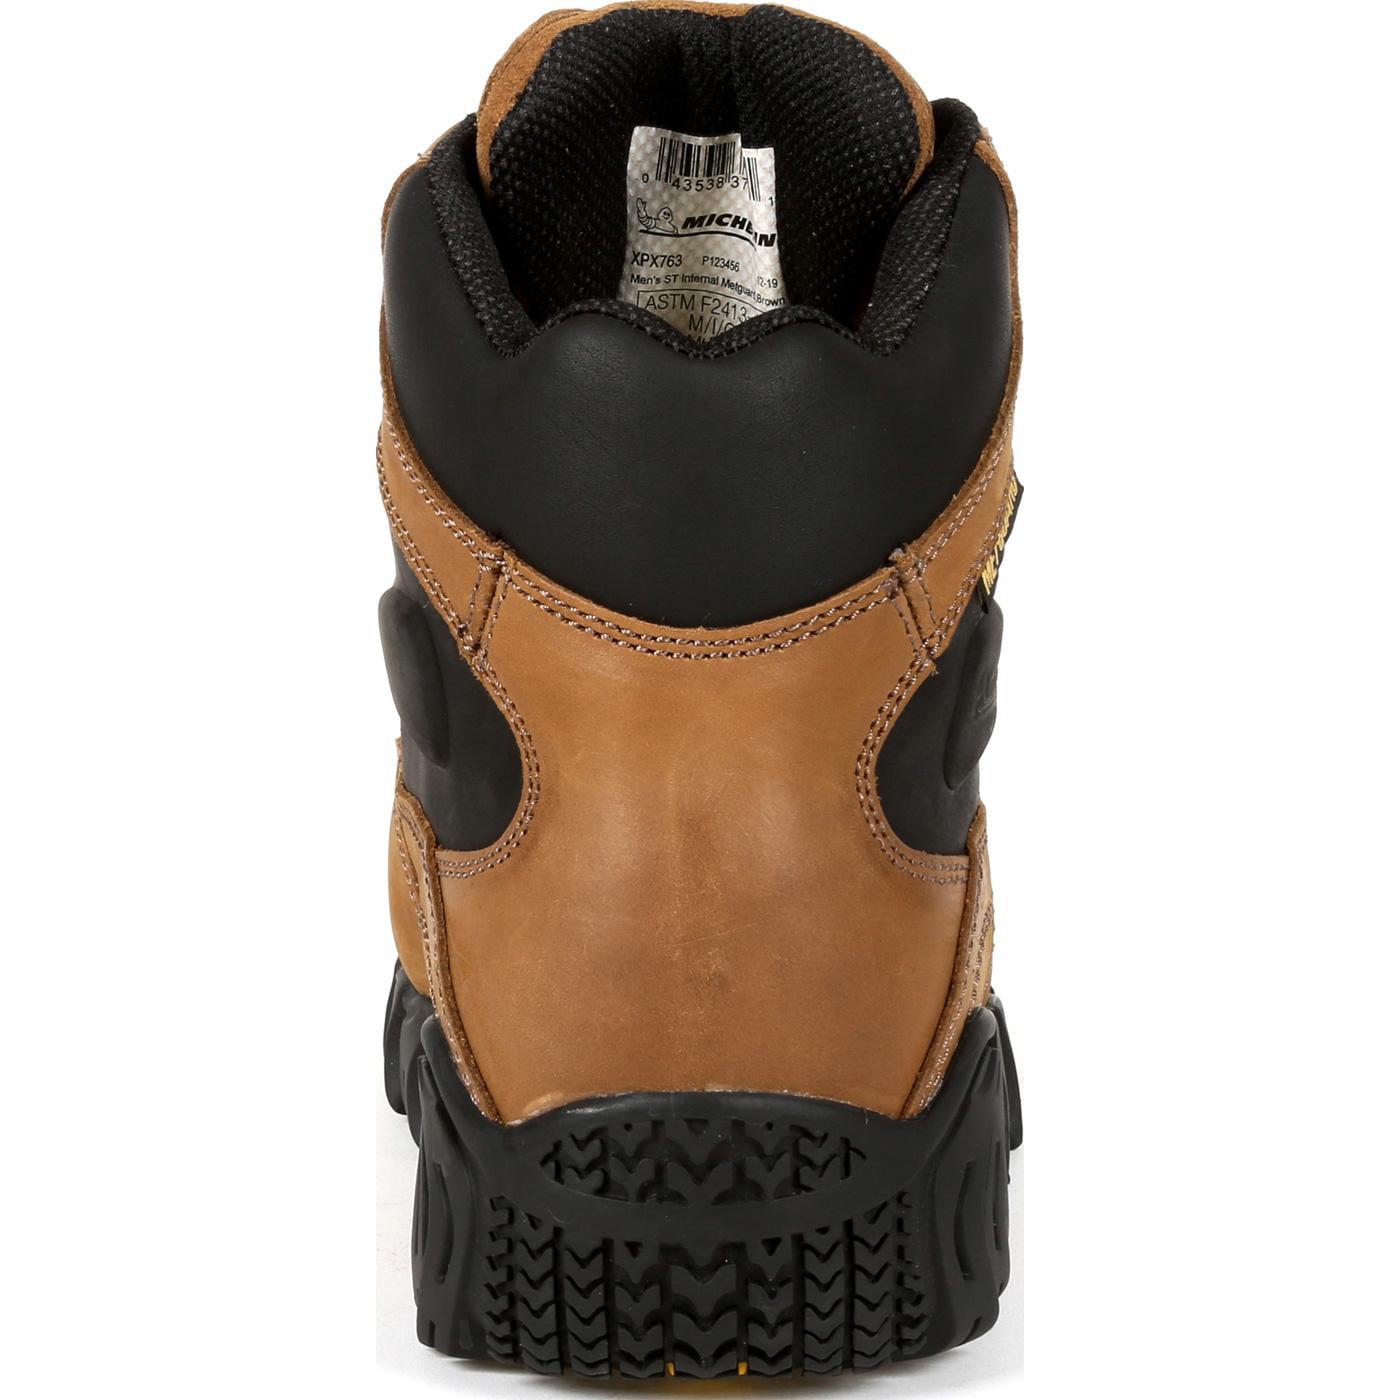 Steel Toe Internal Met Guard Work Boot